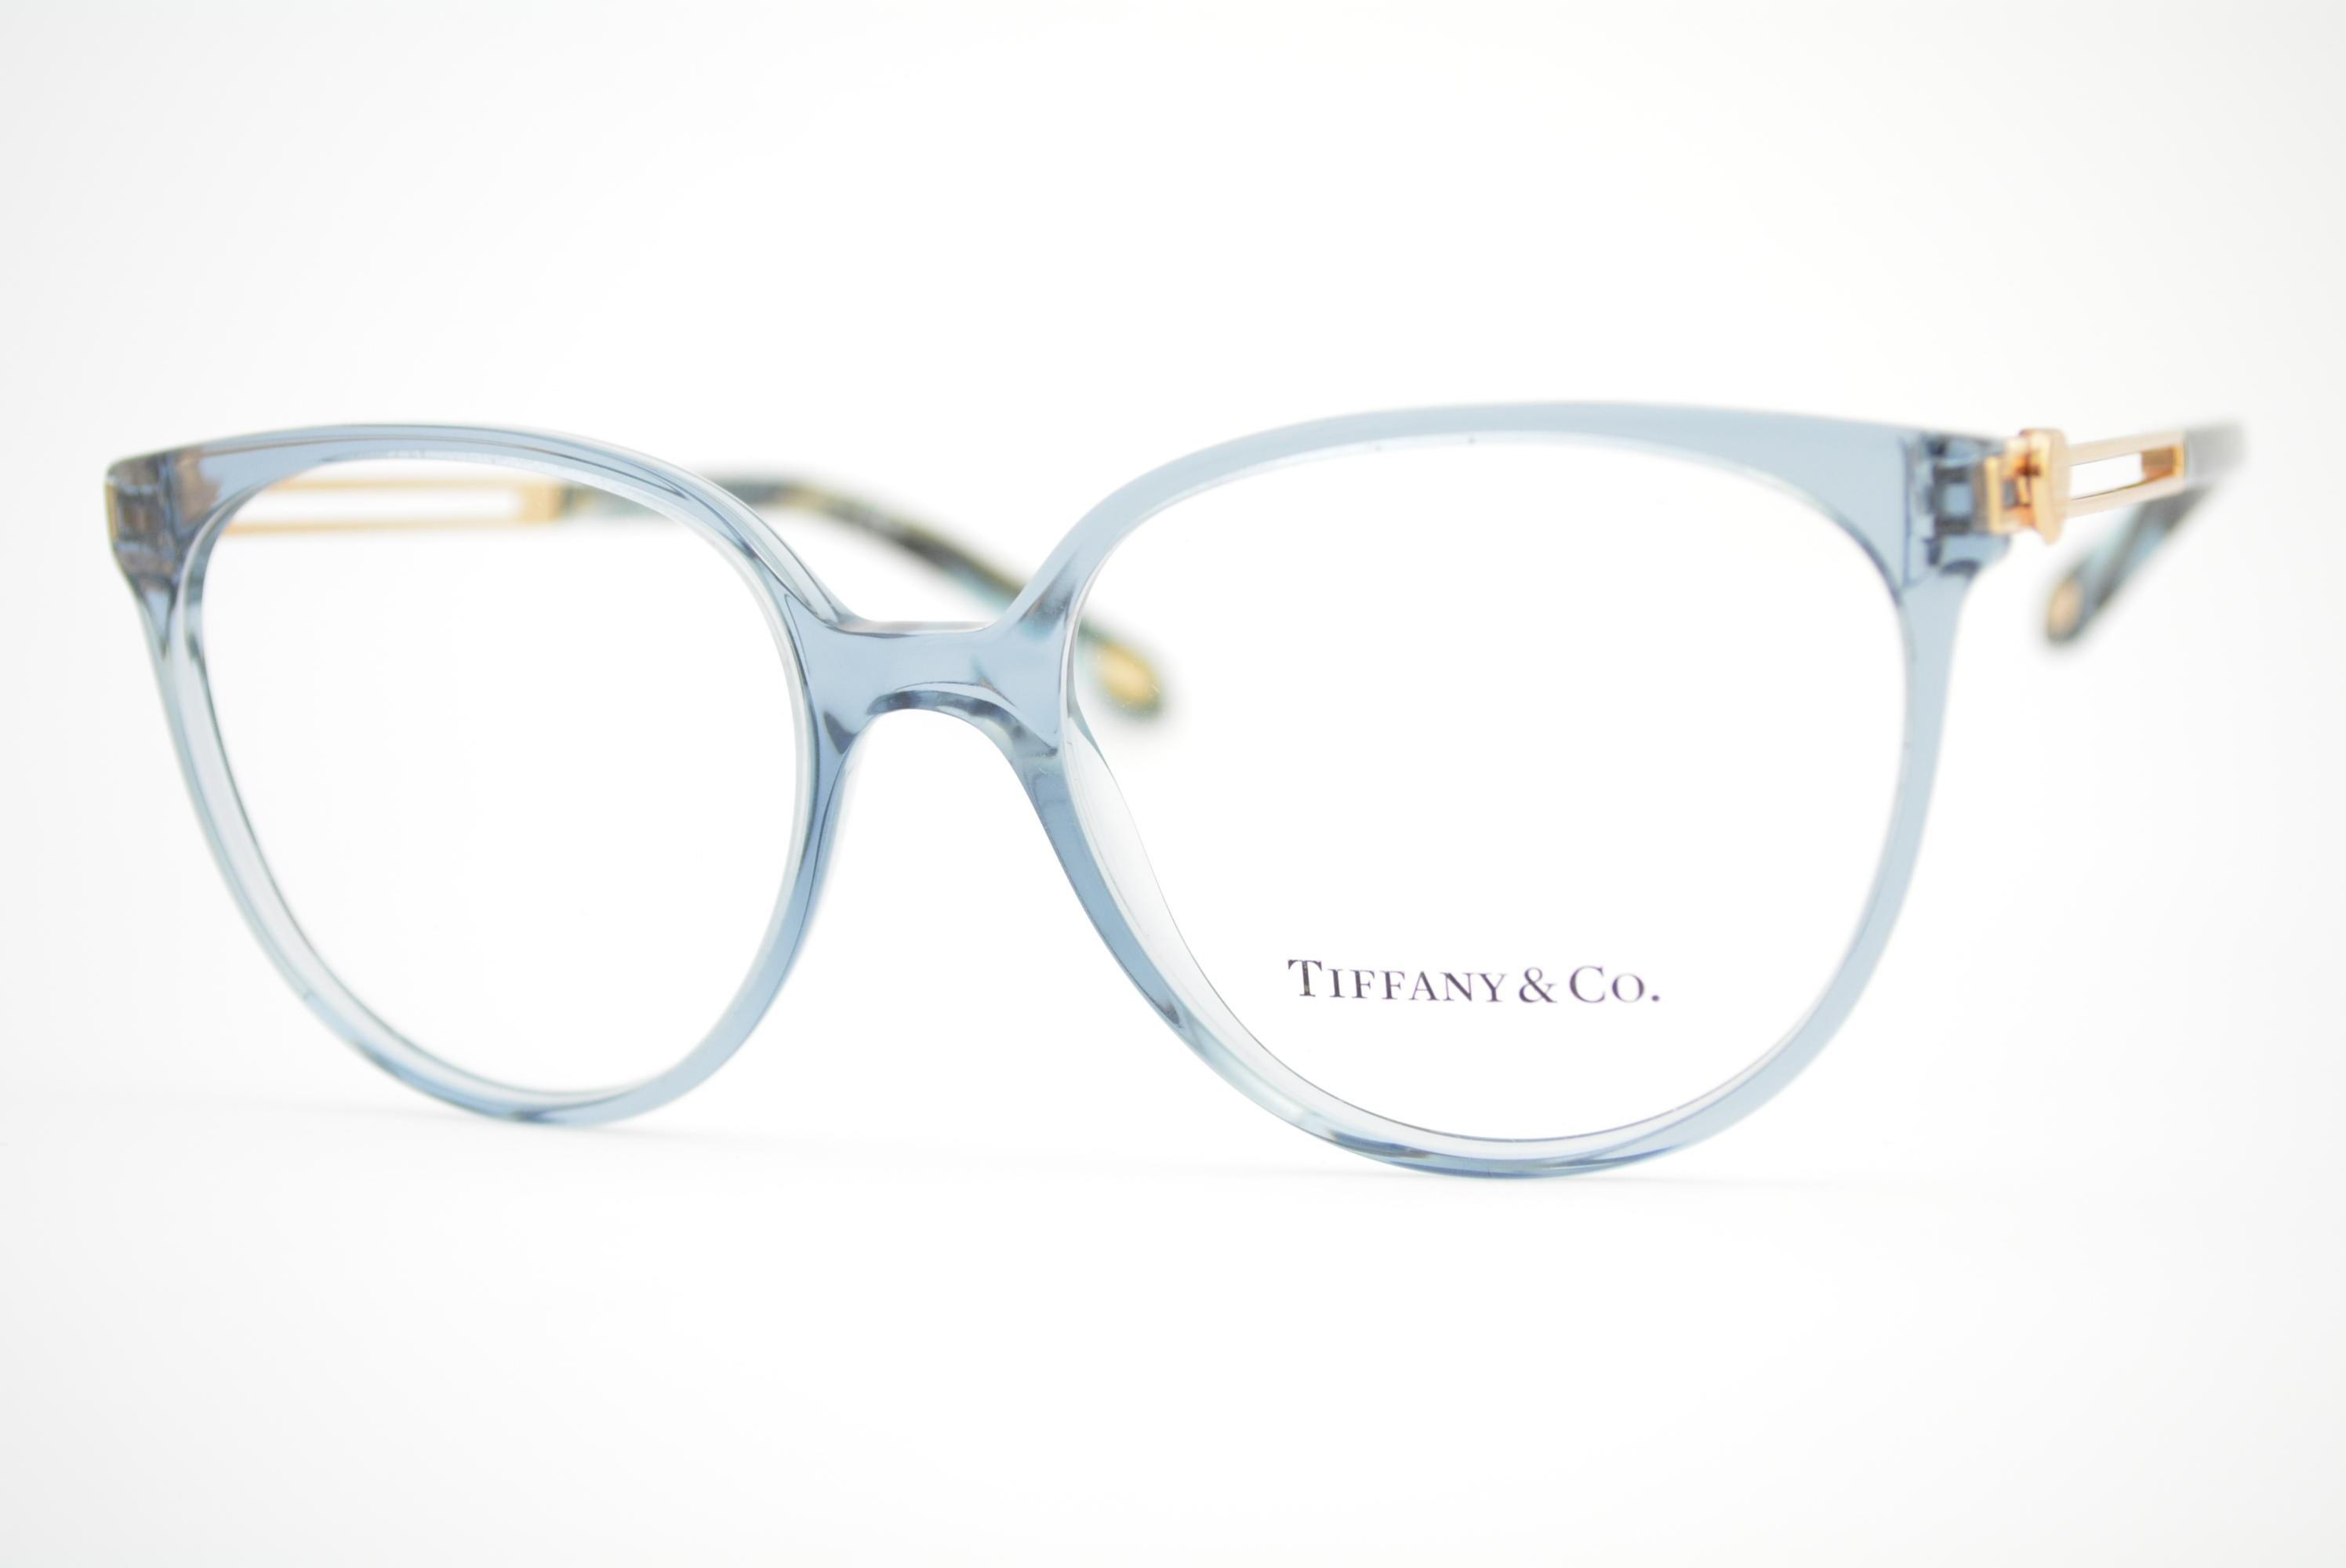 55145f92d60e2 armação de óculos Tiffany mod TF2152 8218 Ótica Cardoso